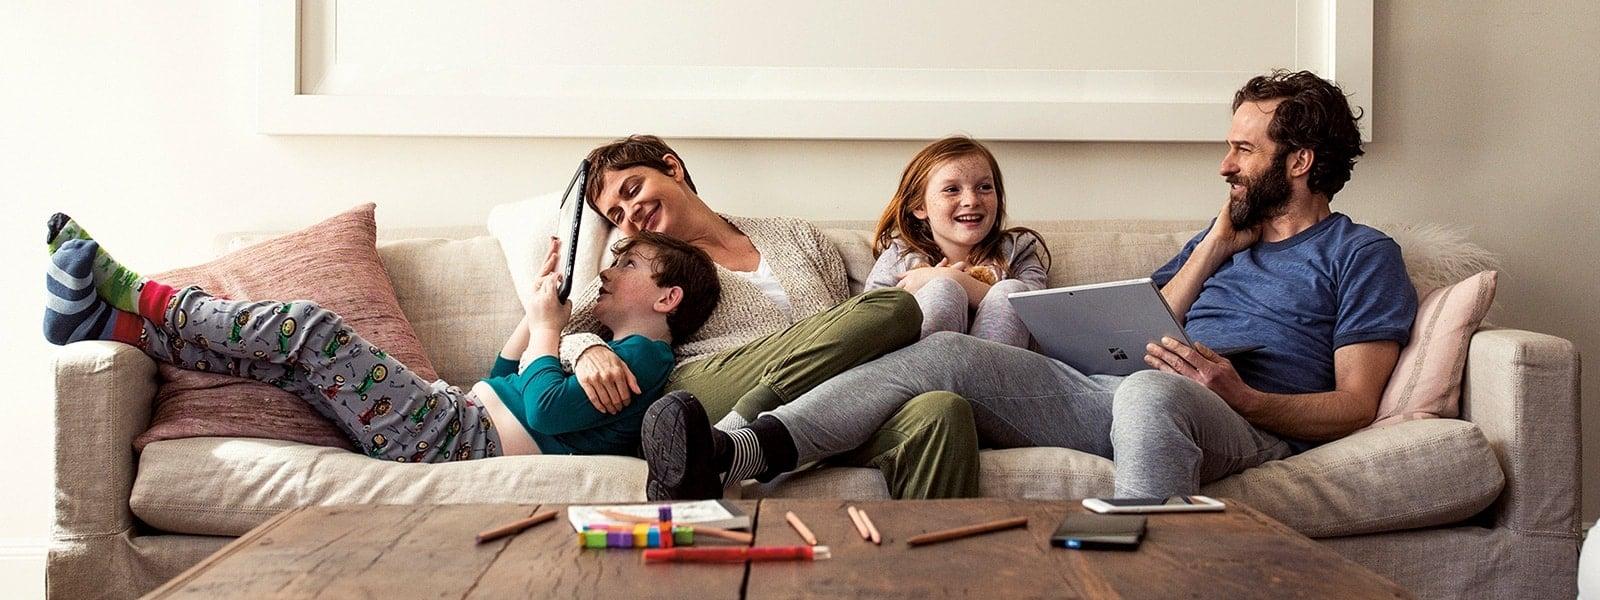 Família deitada no sofá